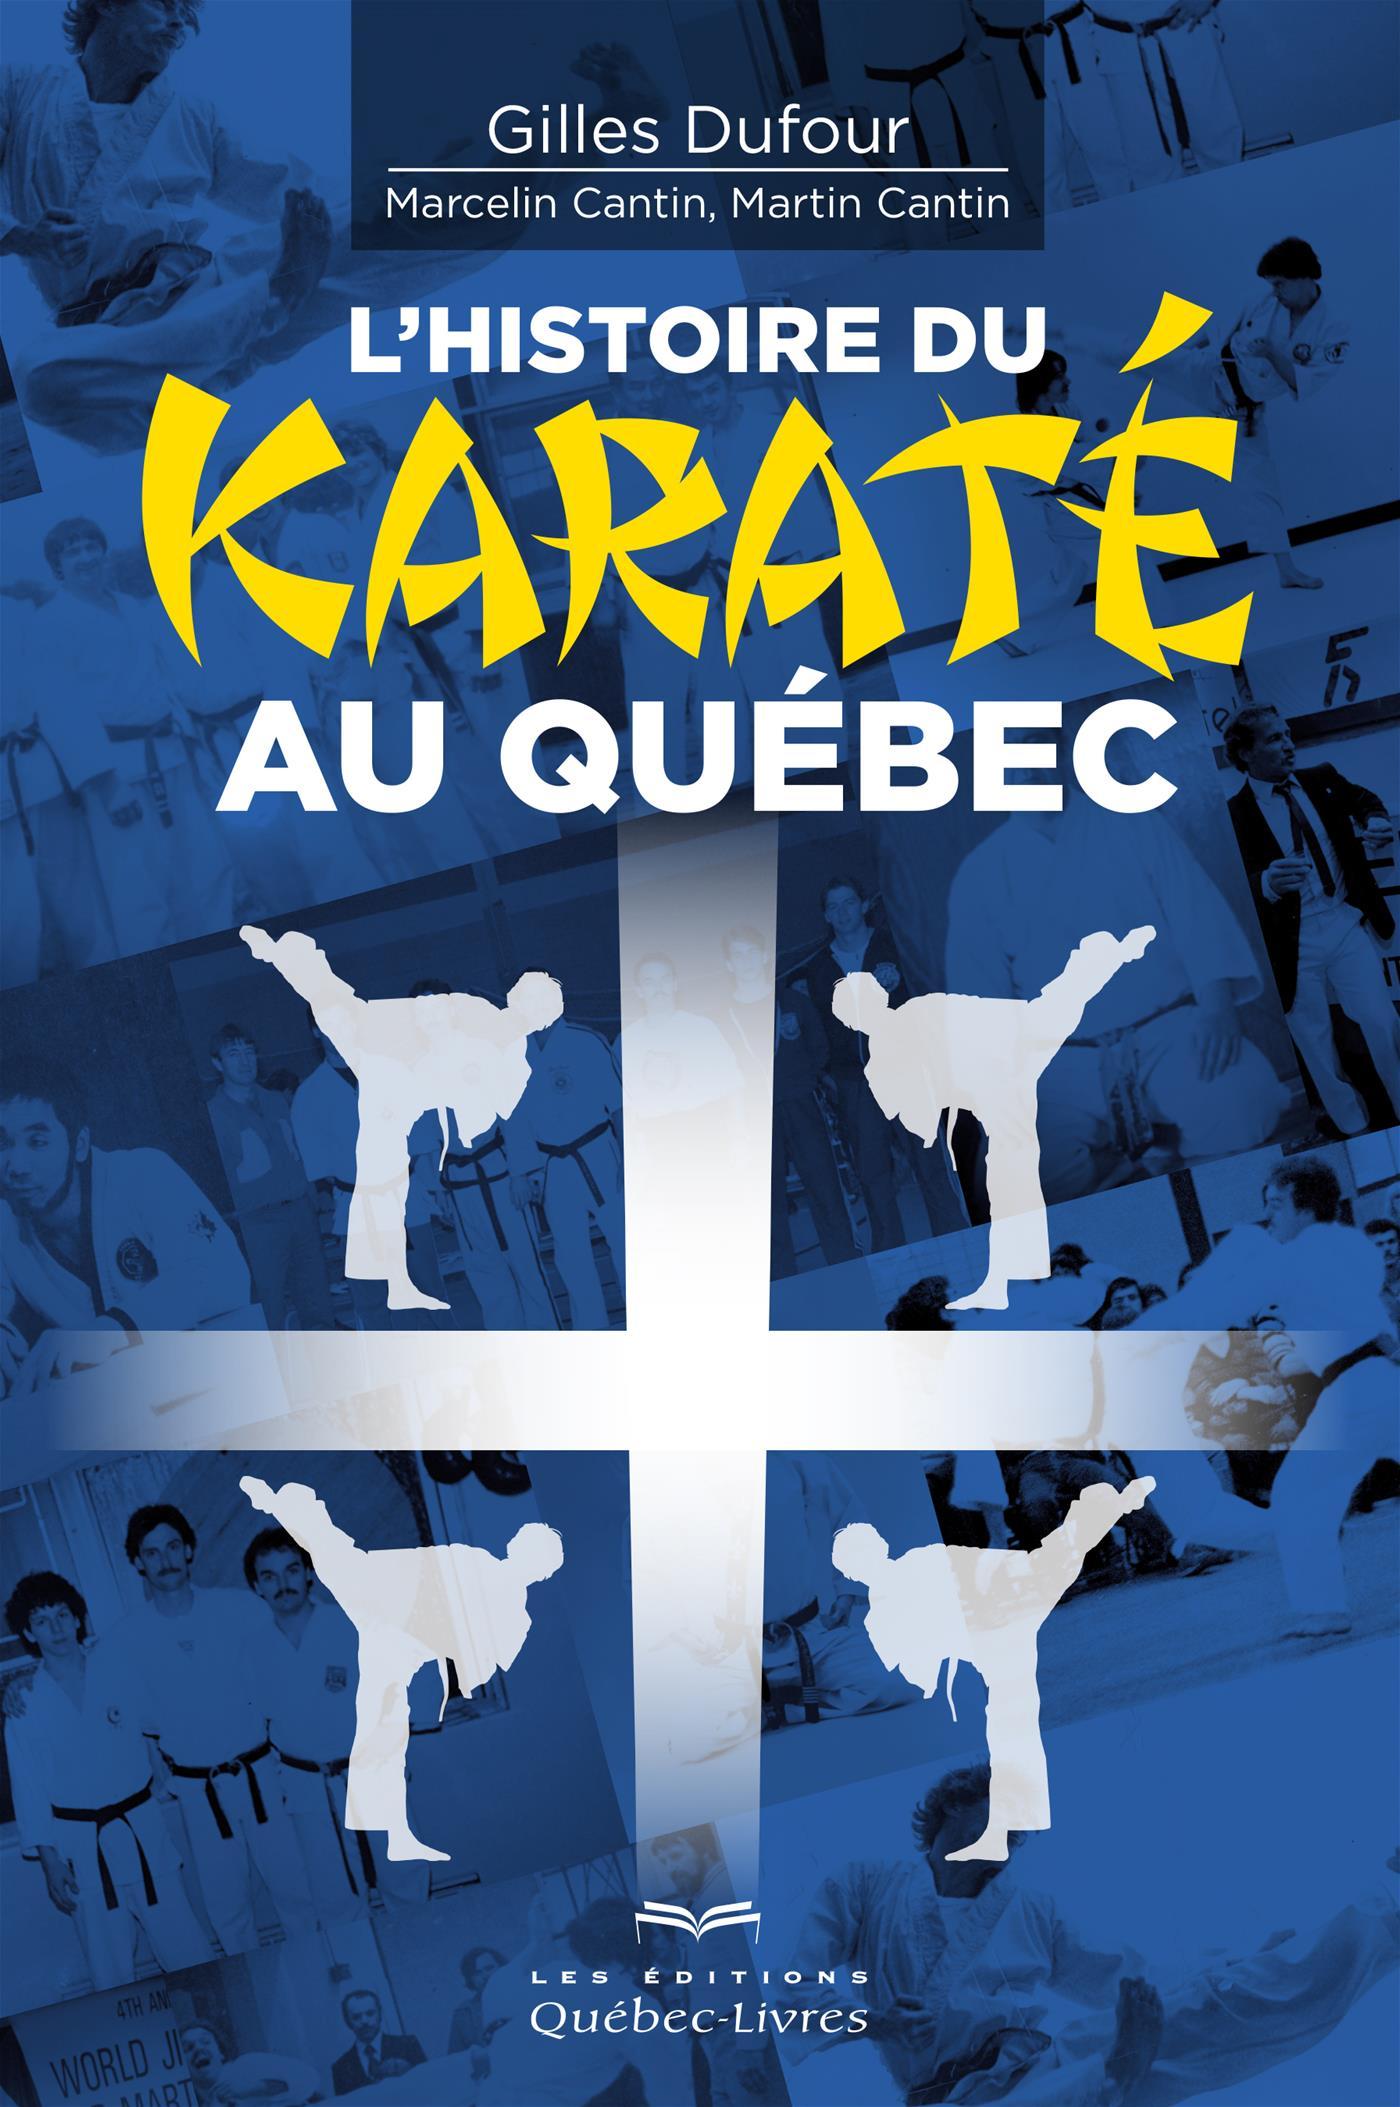 L'histoire du karaté au Québec